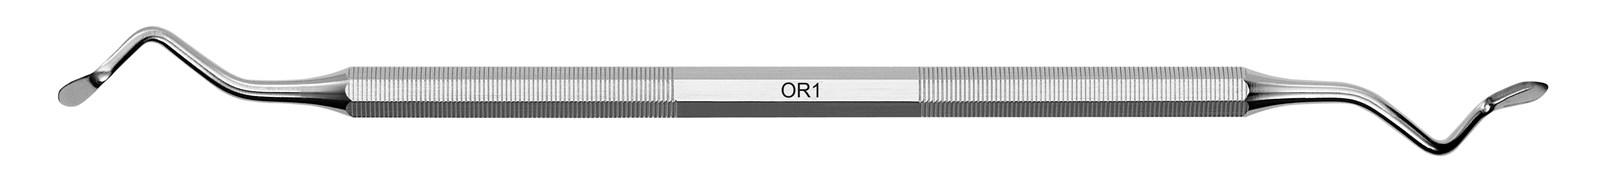 Oboustranný parodontální nůž Orban - OR1, ADEP fialový